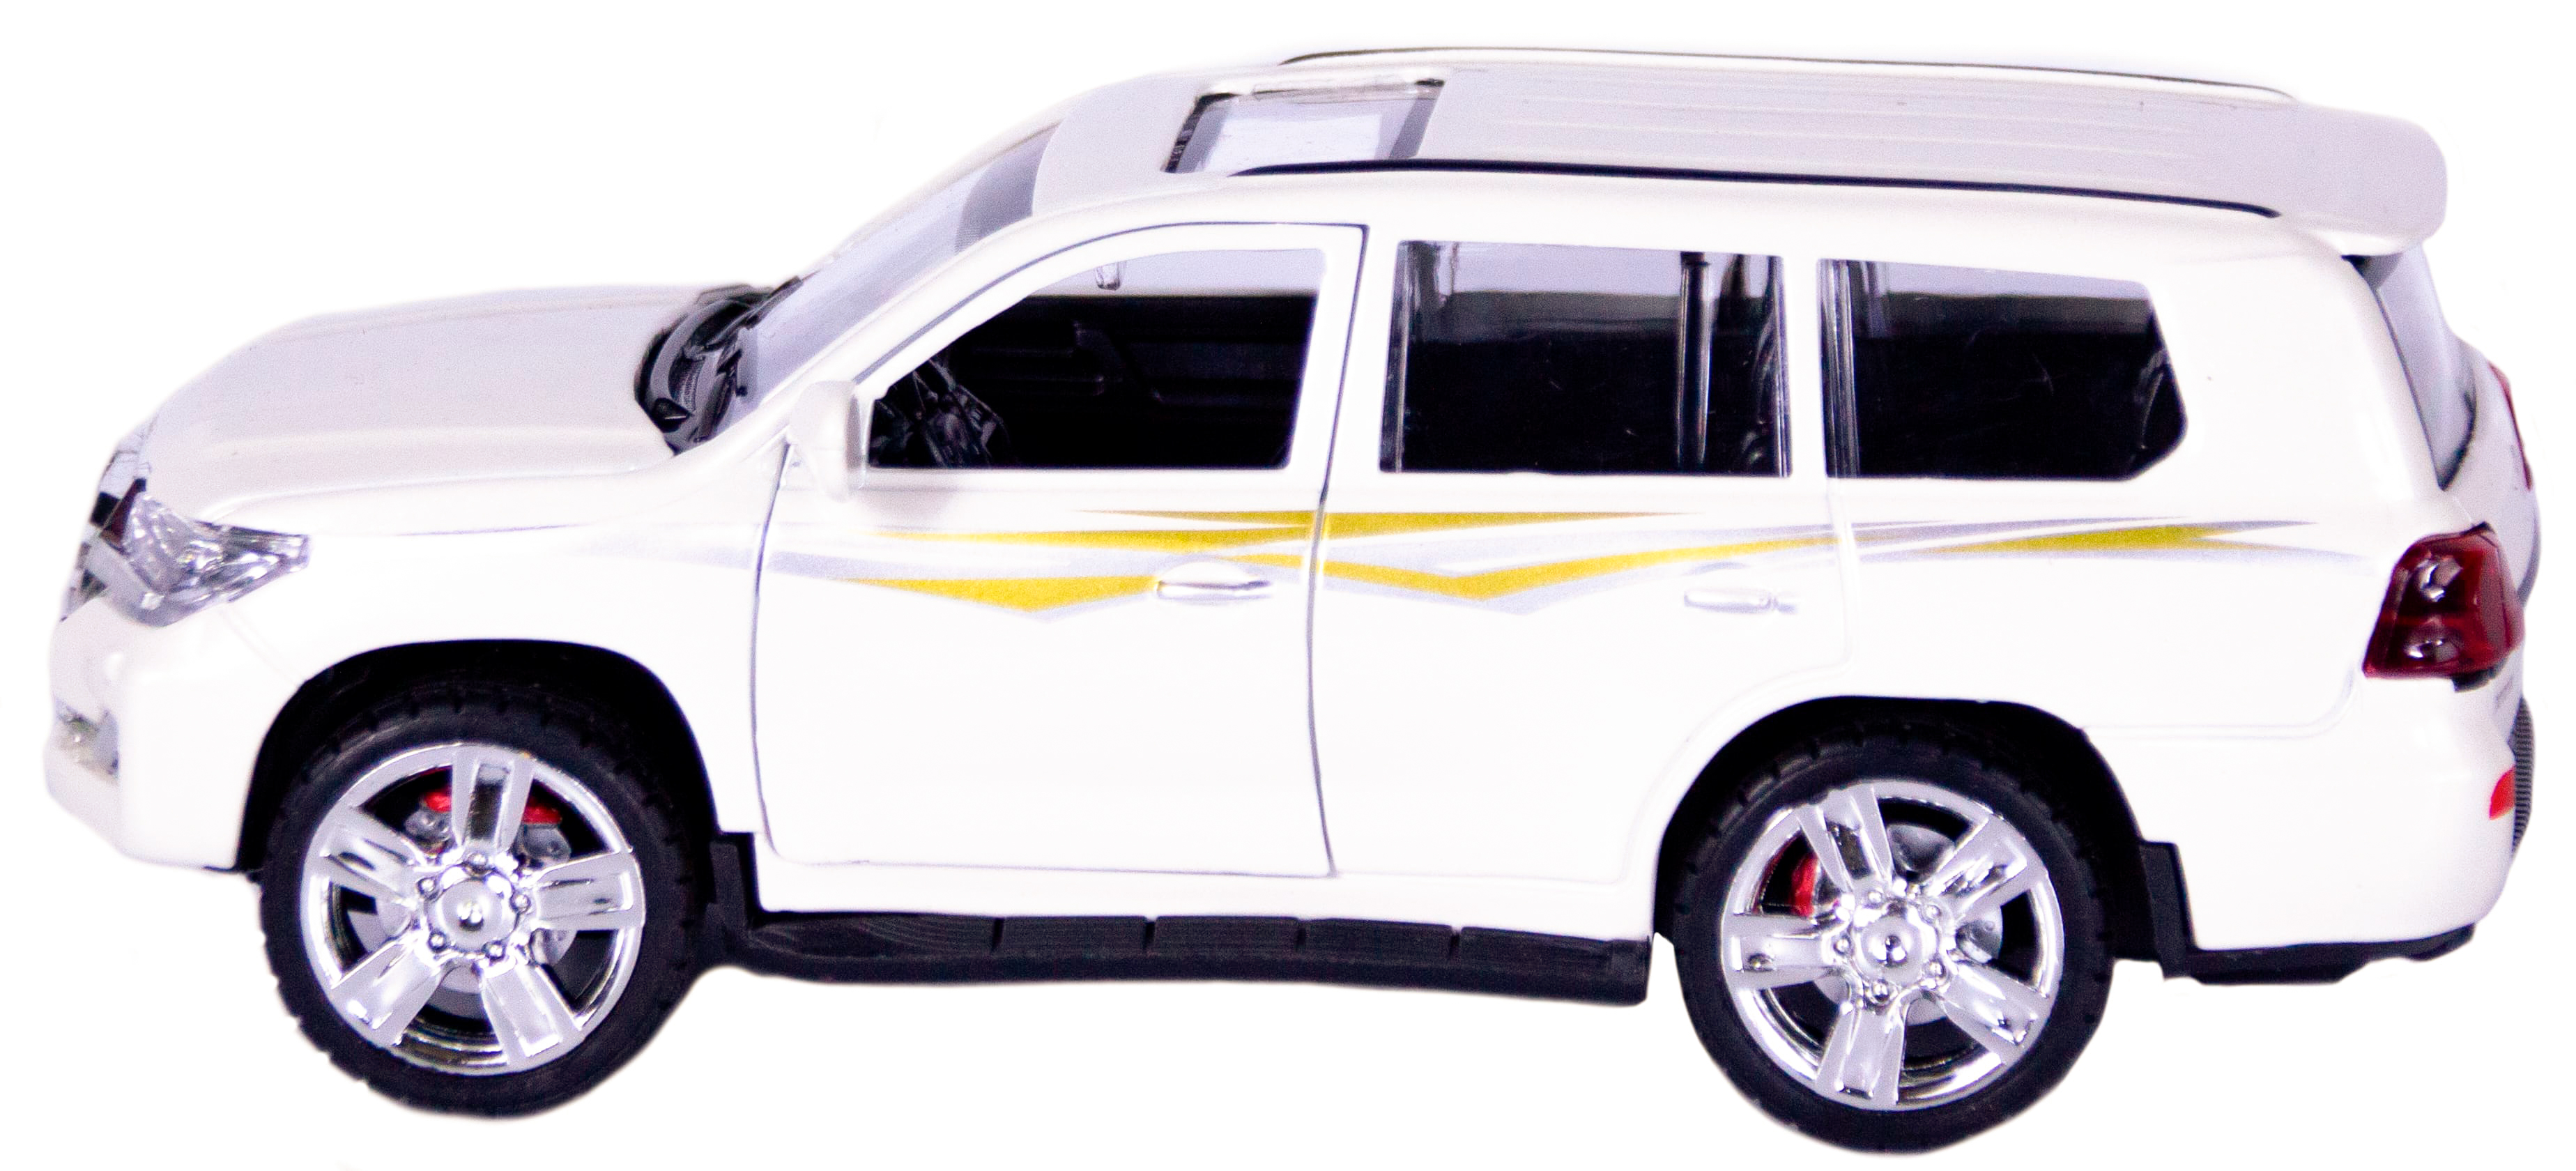 Металлическая машинка XLG 1:24«Toyota Land Cruiser 200» 18 см. M923V инерционная, свет, звук / Белый